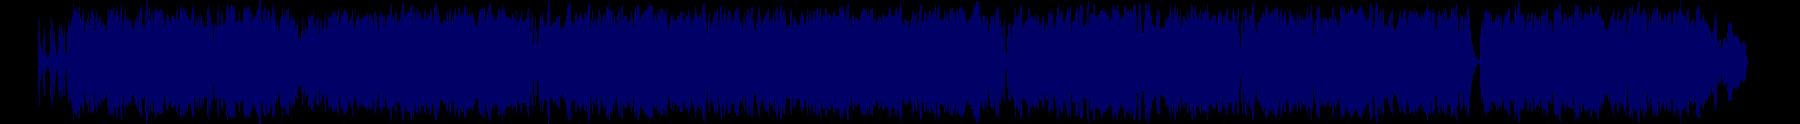 waveform of track #72223